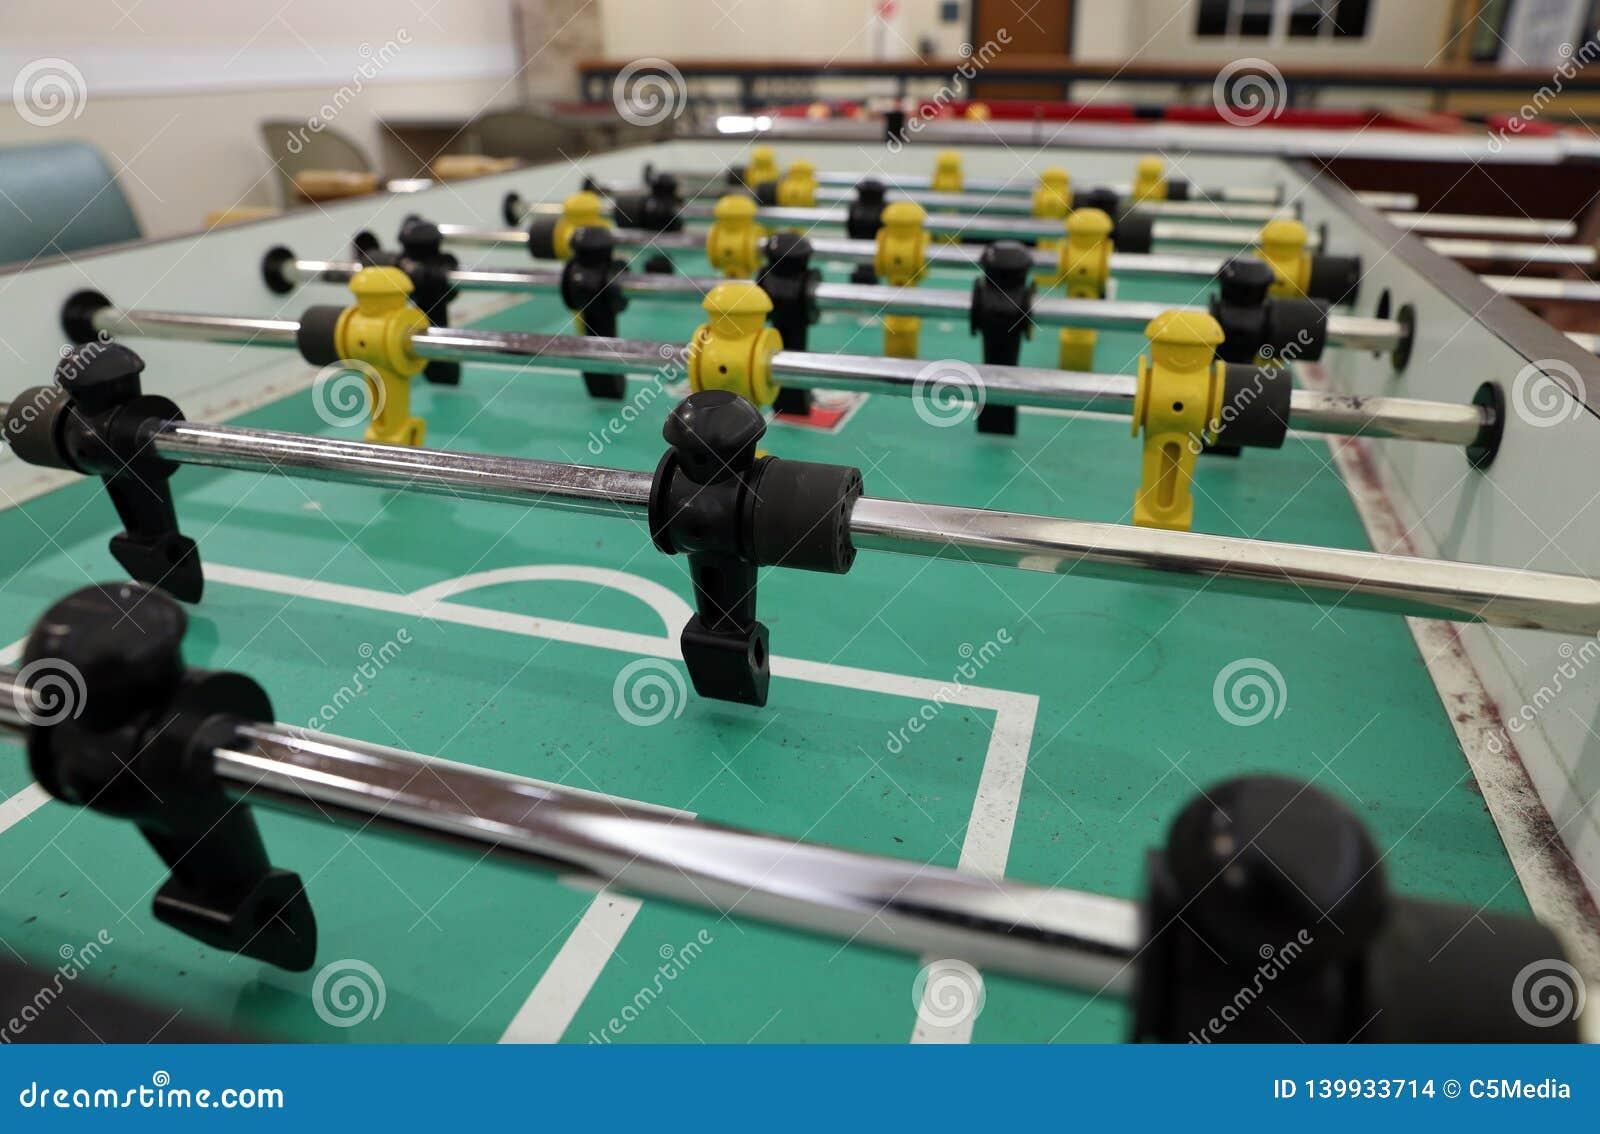 Table de Foosball avec des figurines pour jouer des jeux